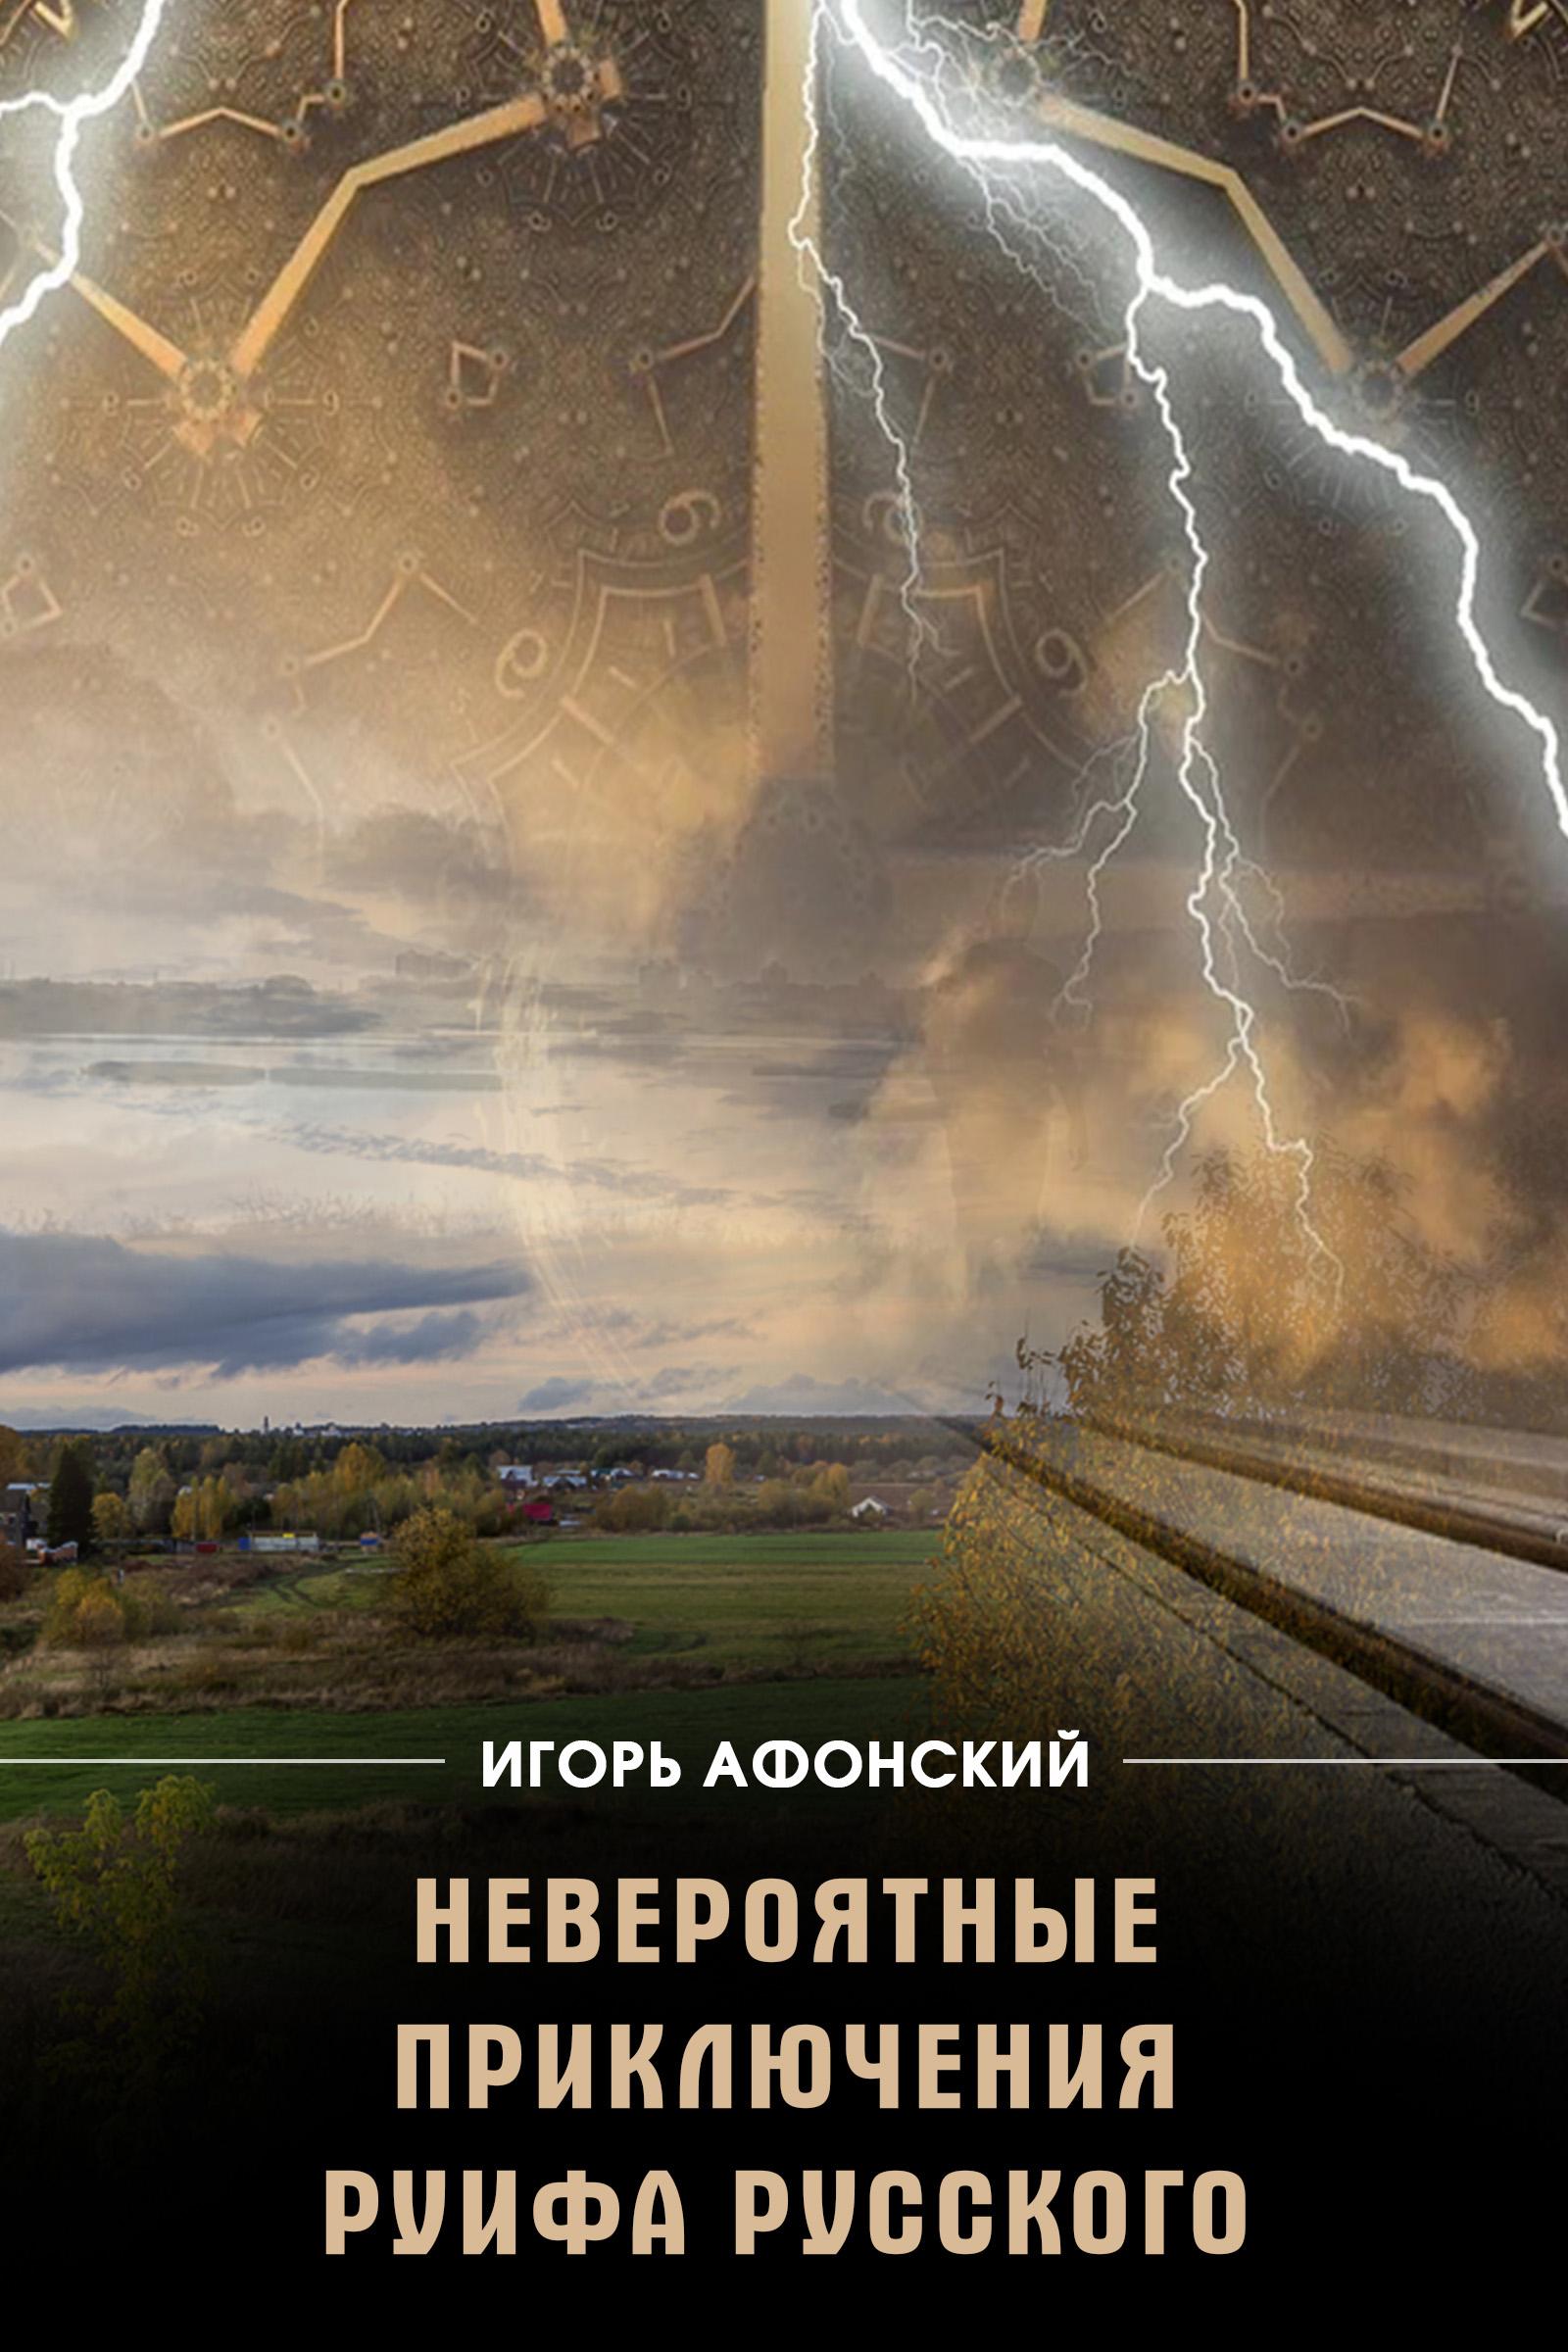 Невероятные приключения Руифа Русского